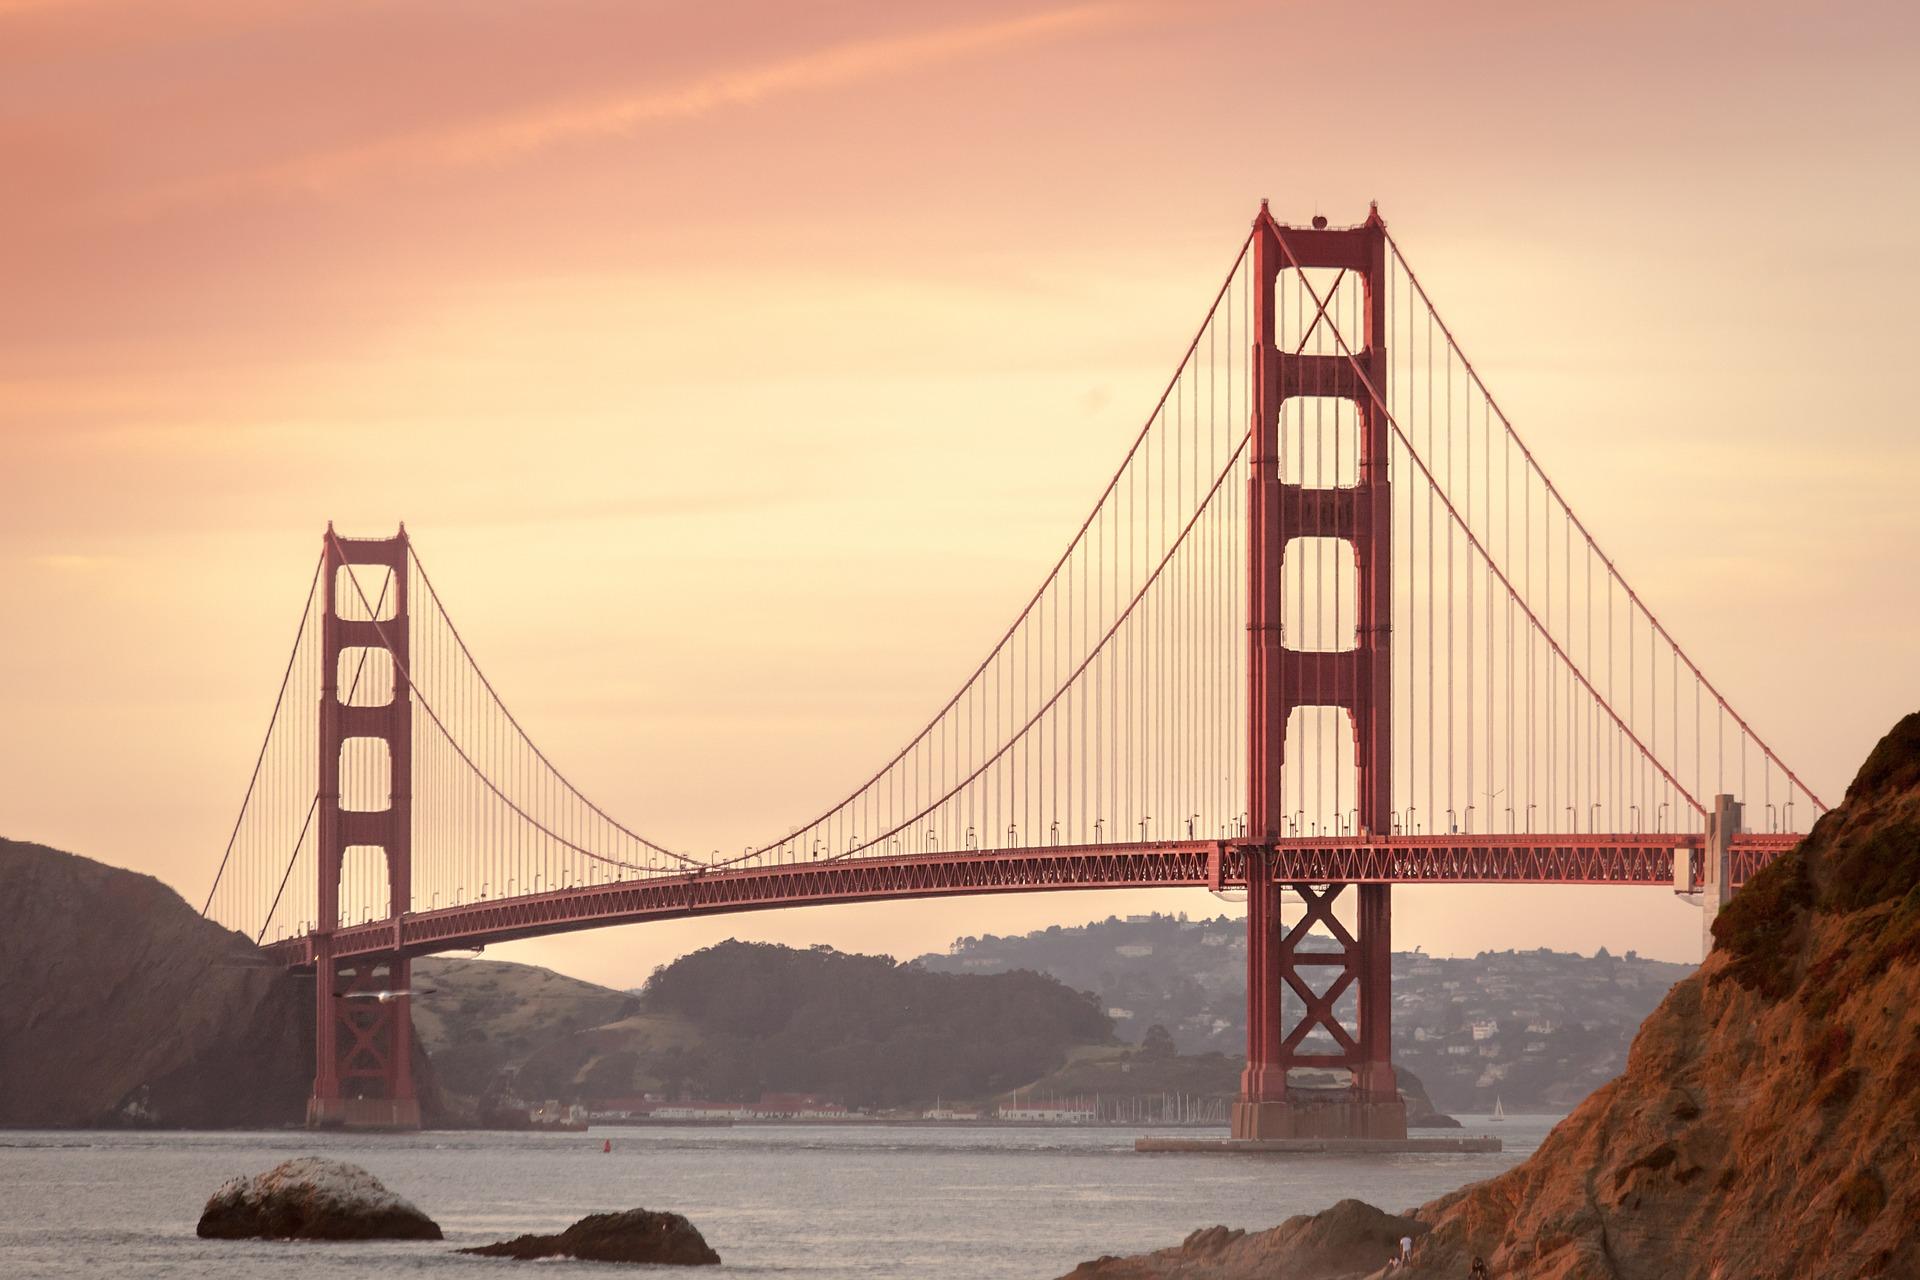 Golden Gate Bridge Bay Area